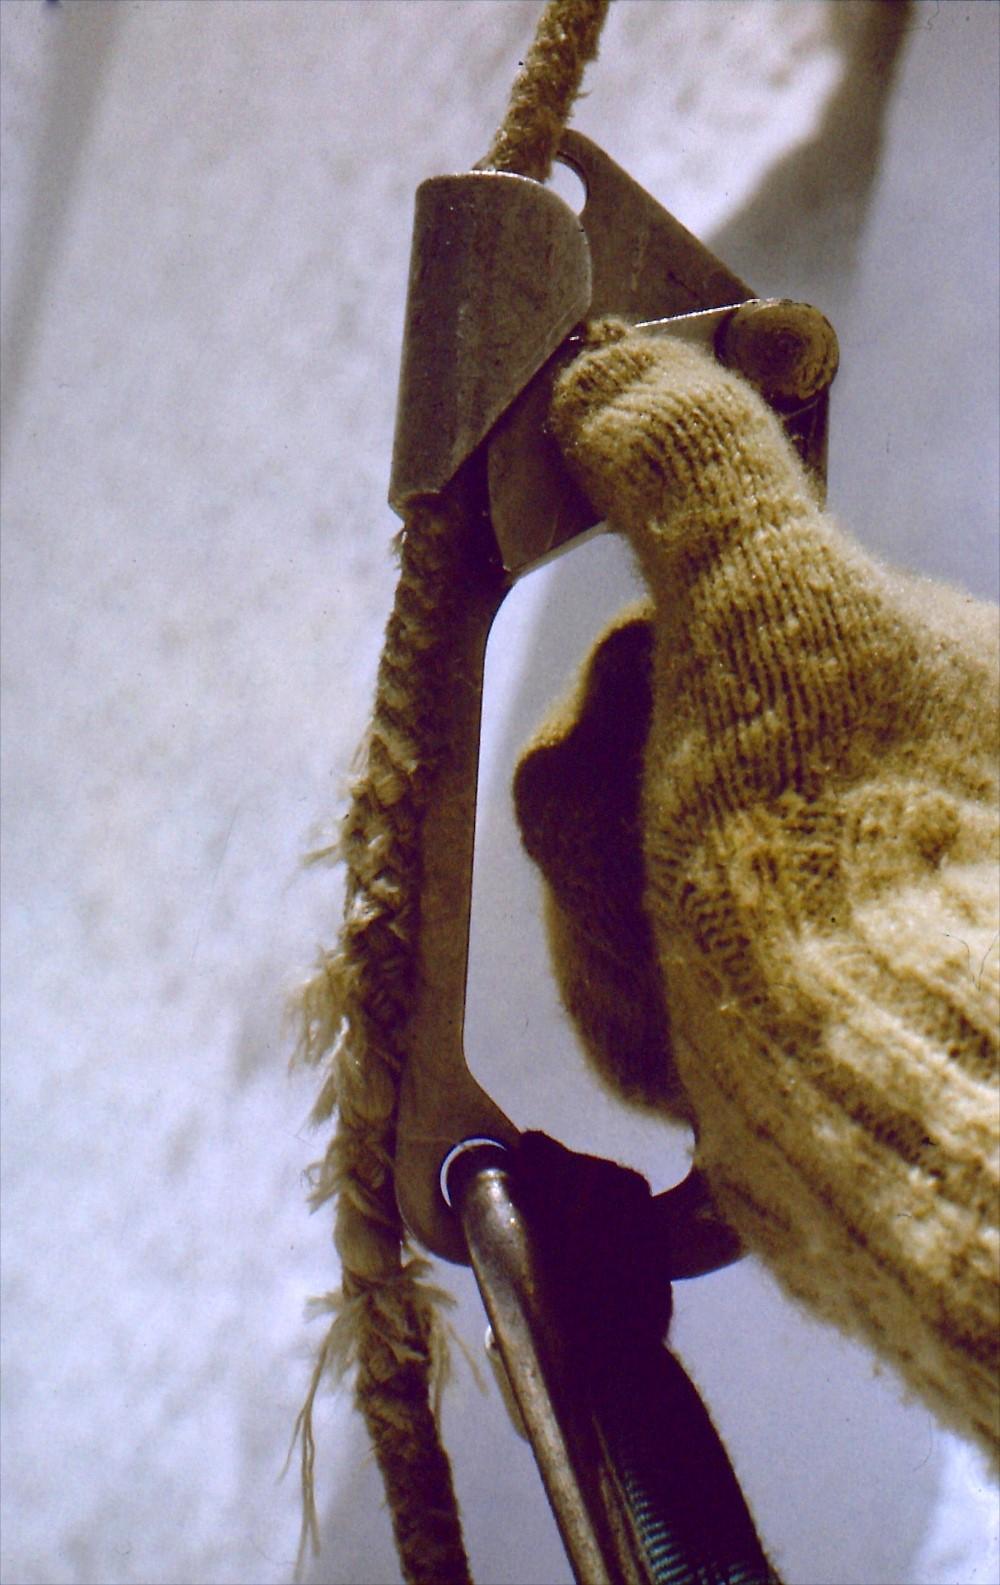 Zerschlissenes Seil